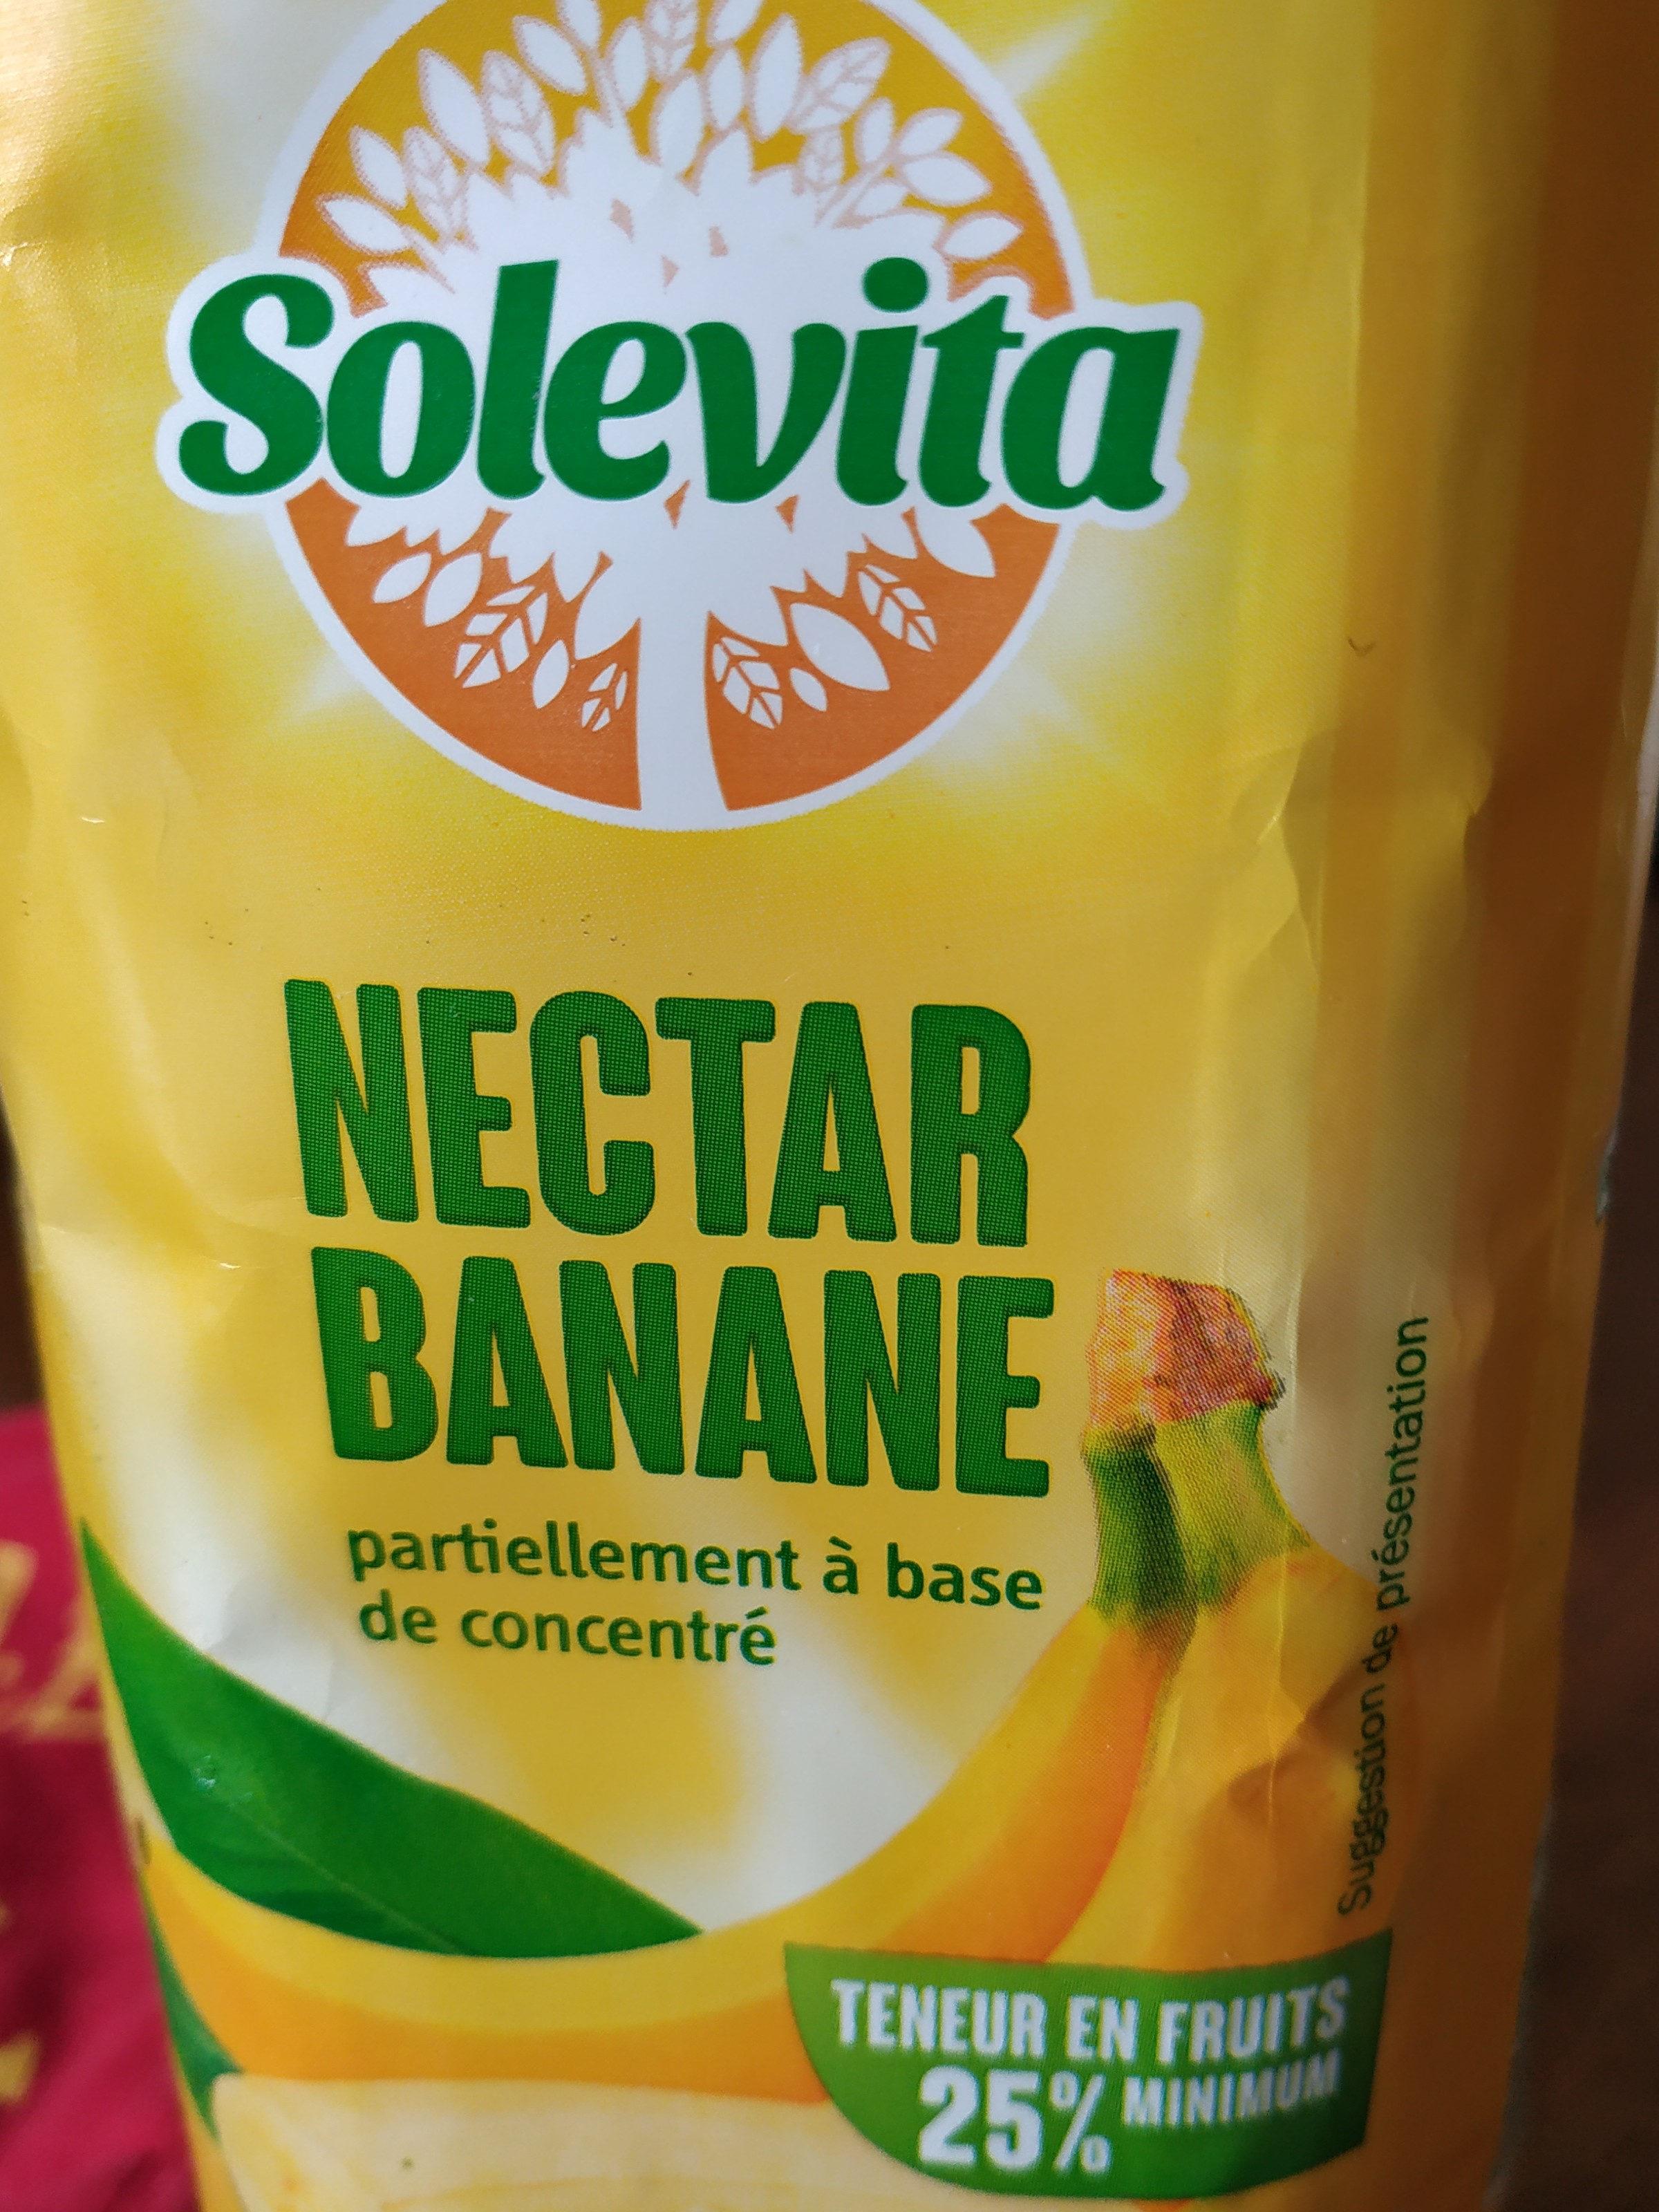 nectar banane - Produit